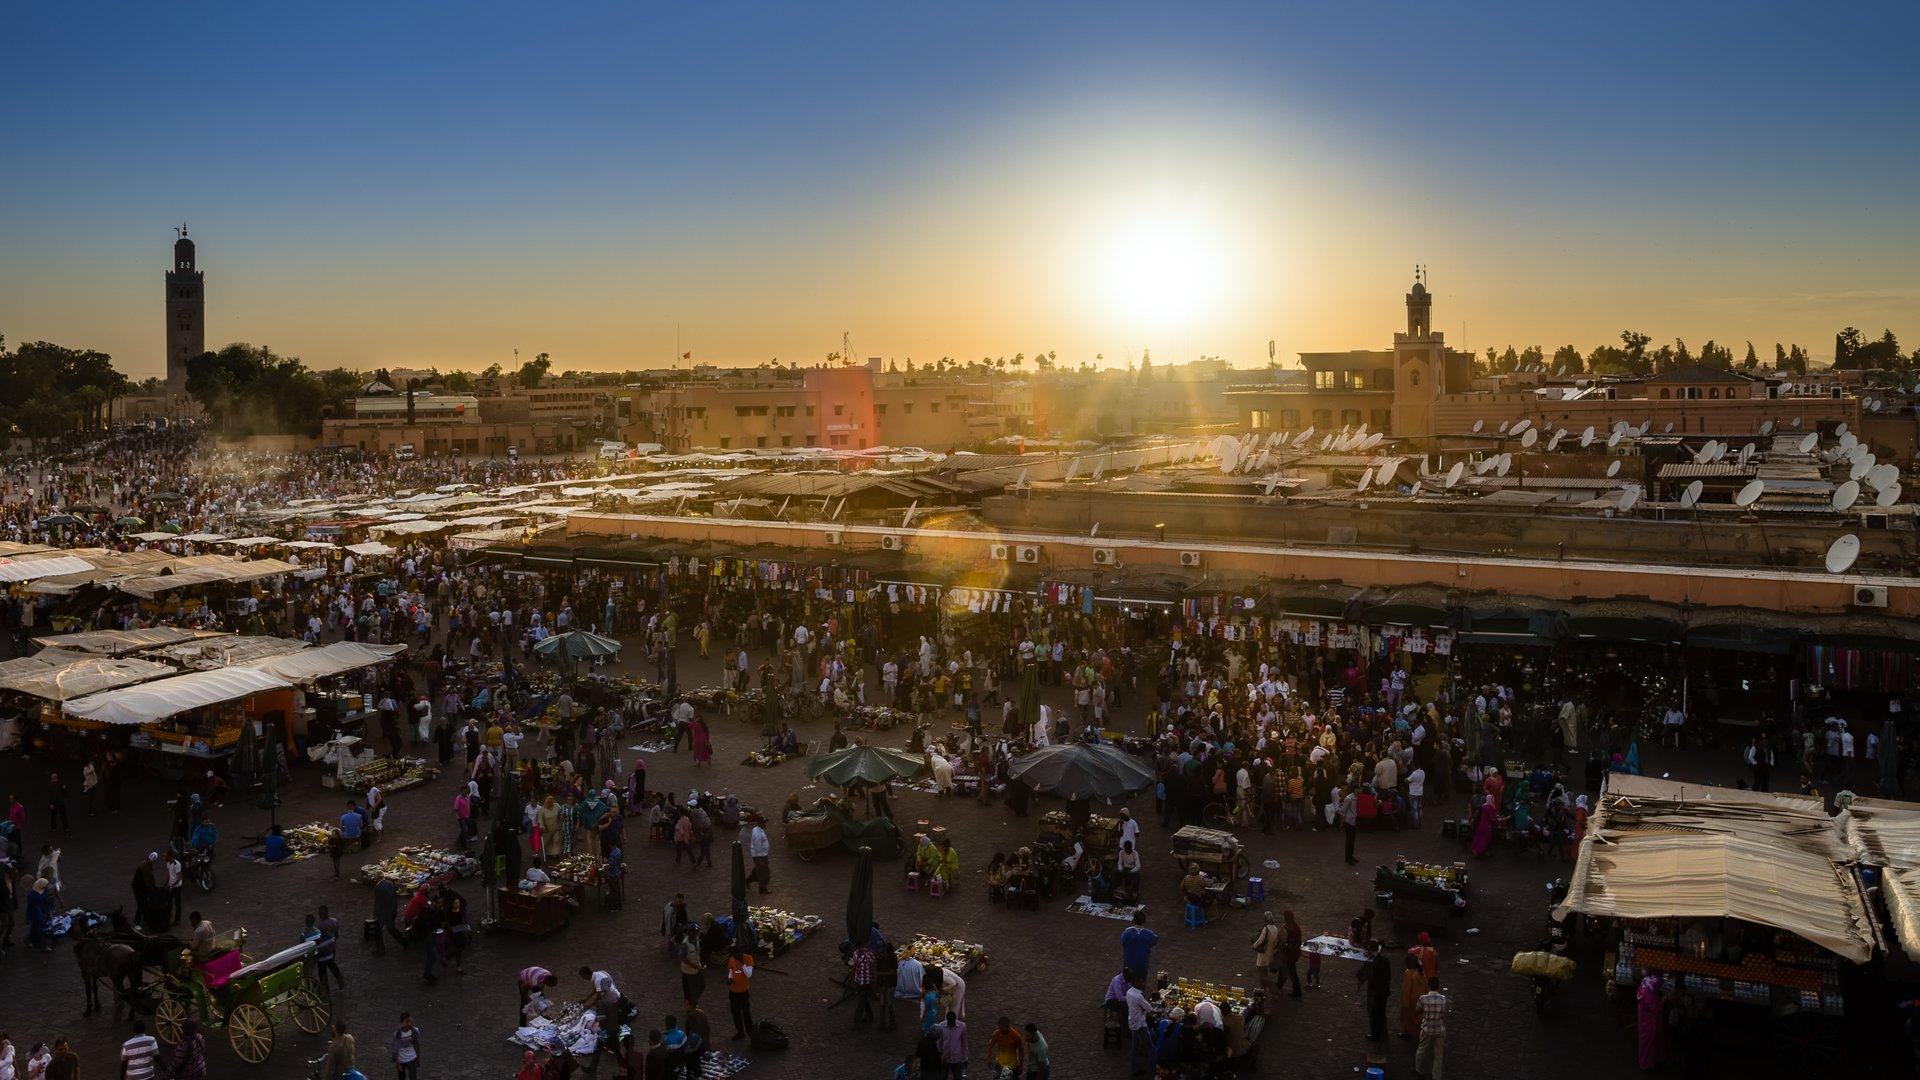 Sunset above Djema el-Fna in Marrakesh 2019